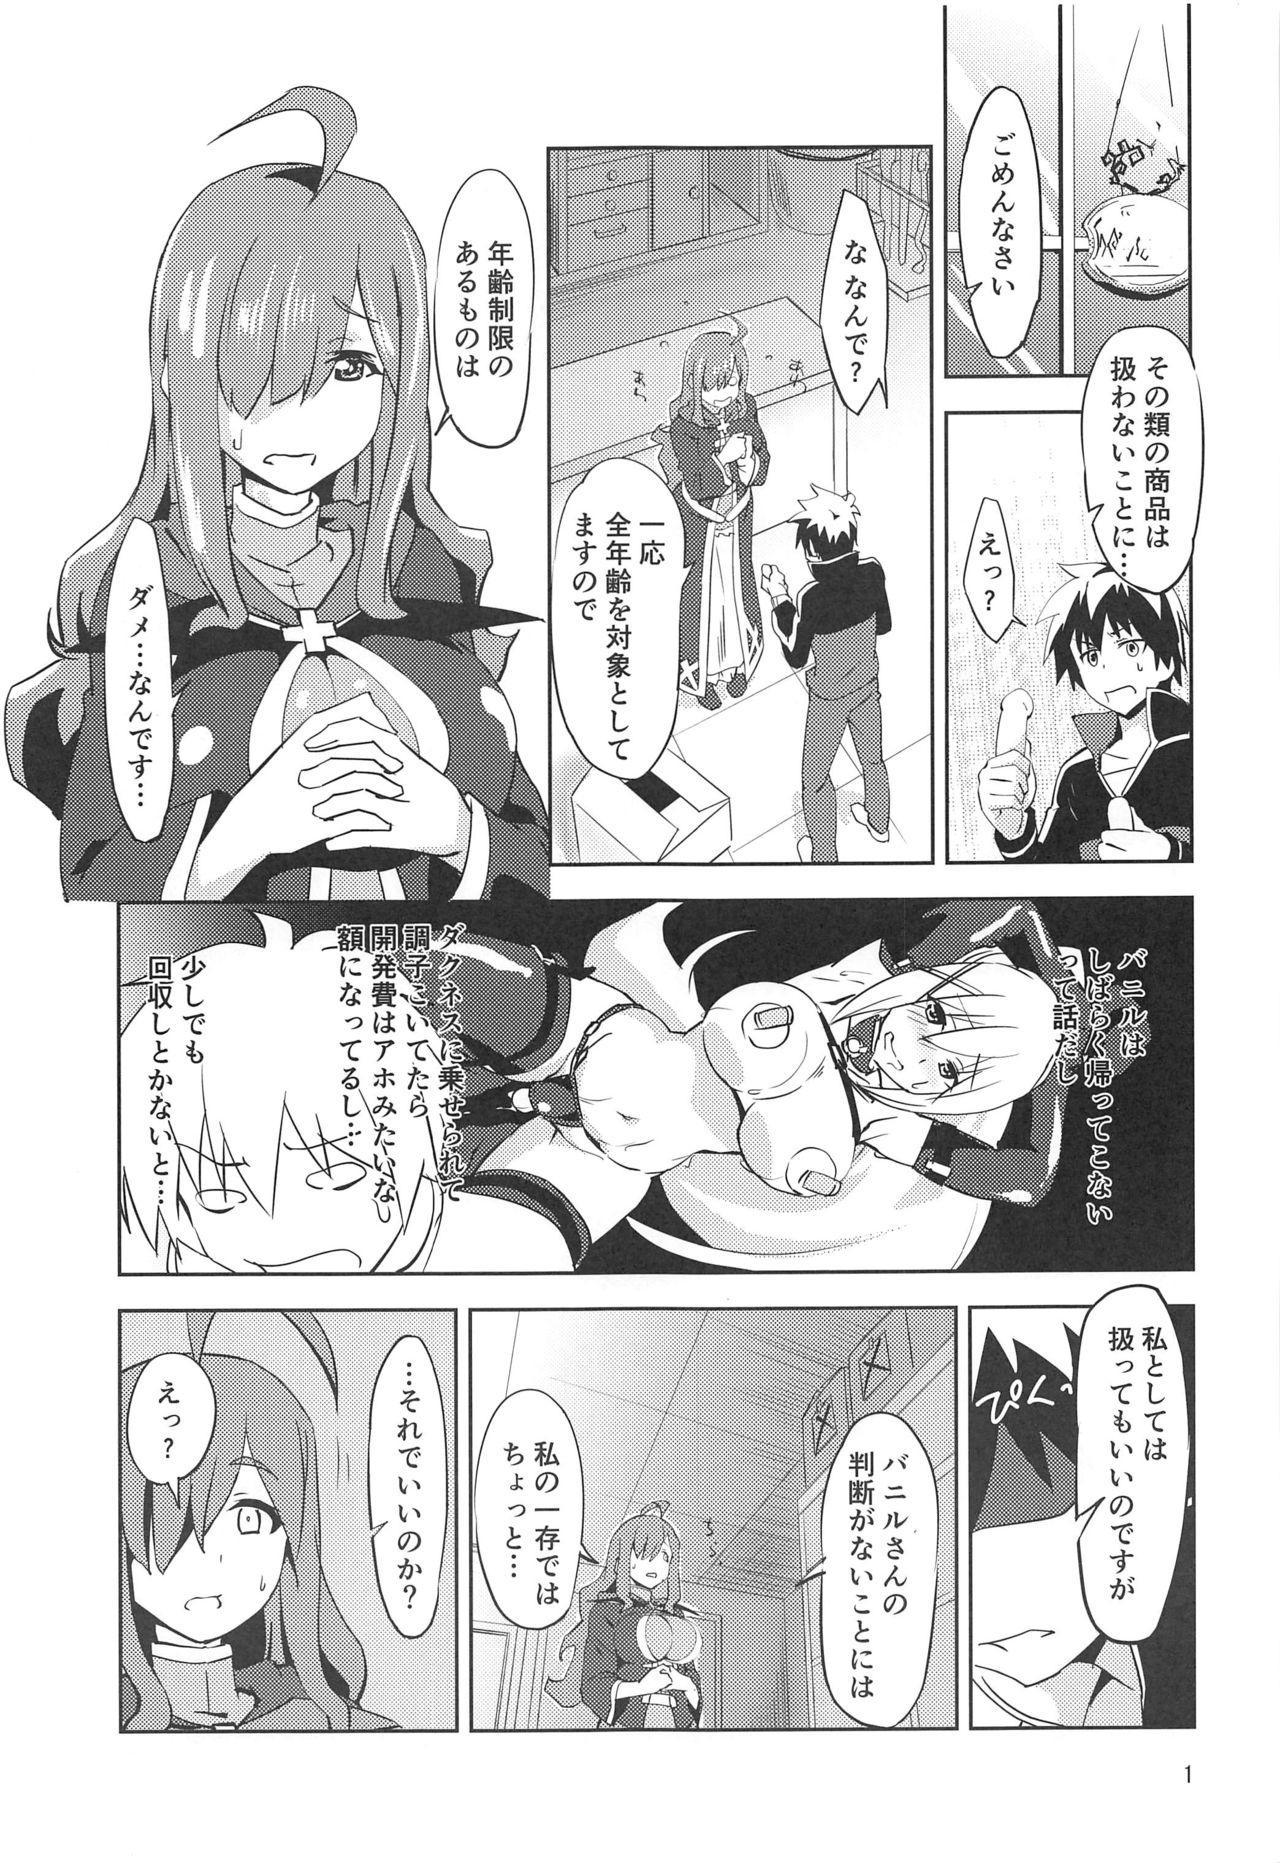 Binbou Tenshu ni Setsumei o! 1